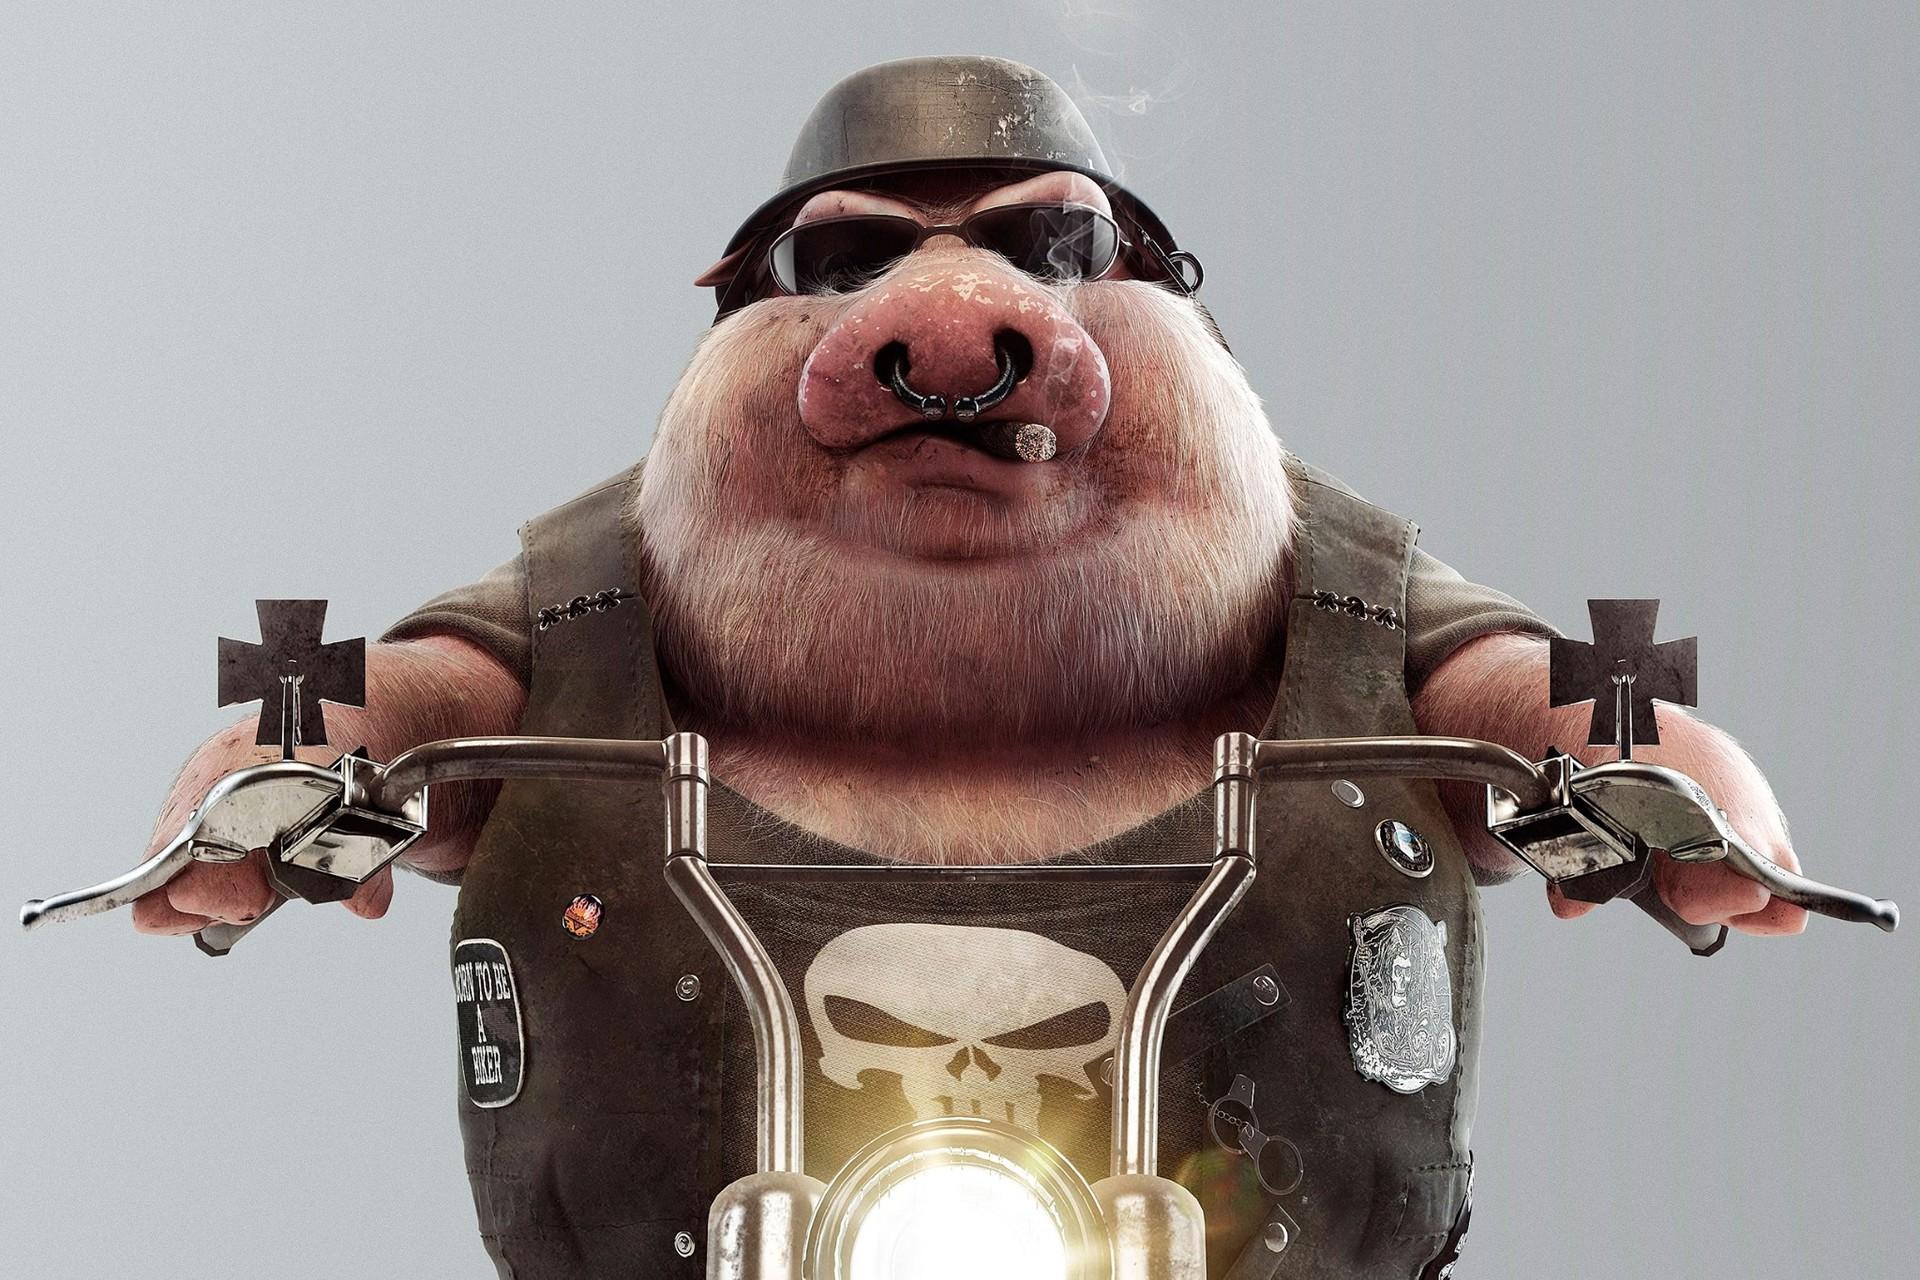 Motorcycle Pig